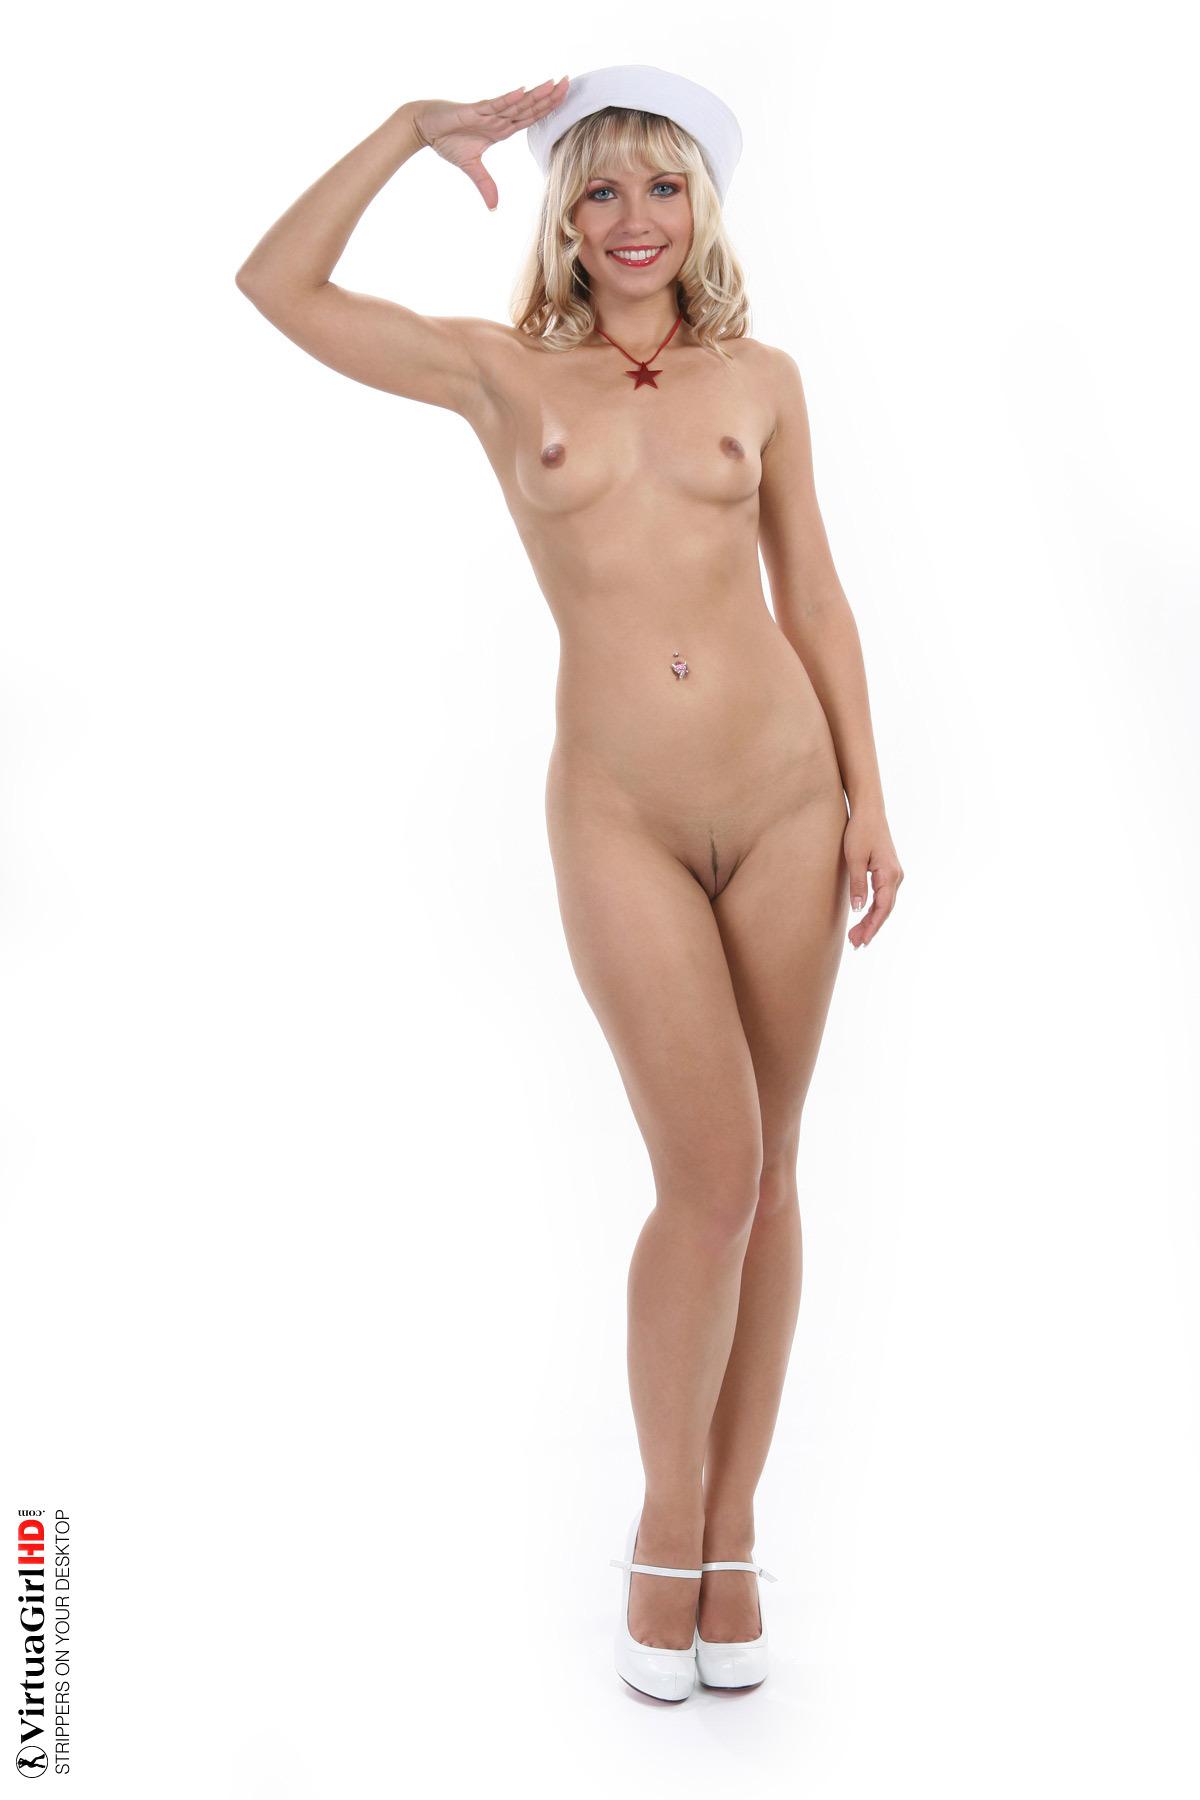 jennifer lawrence nude wallpaper